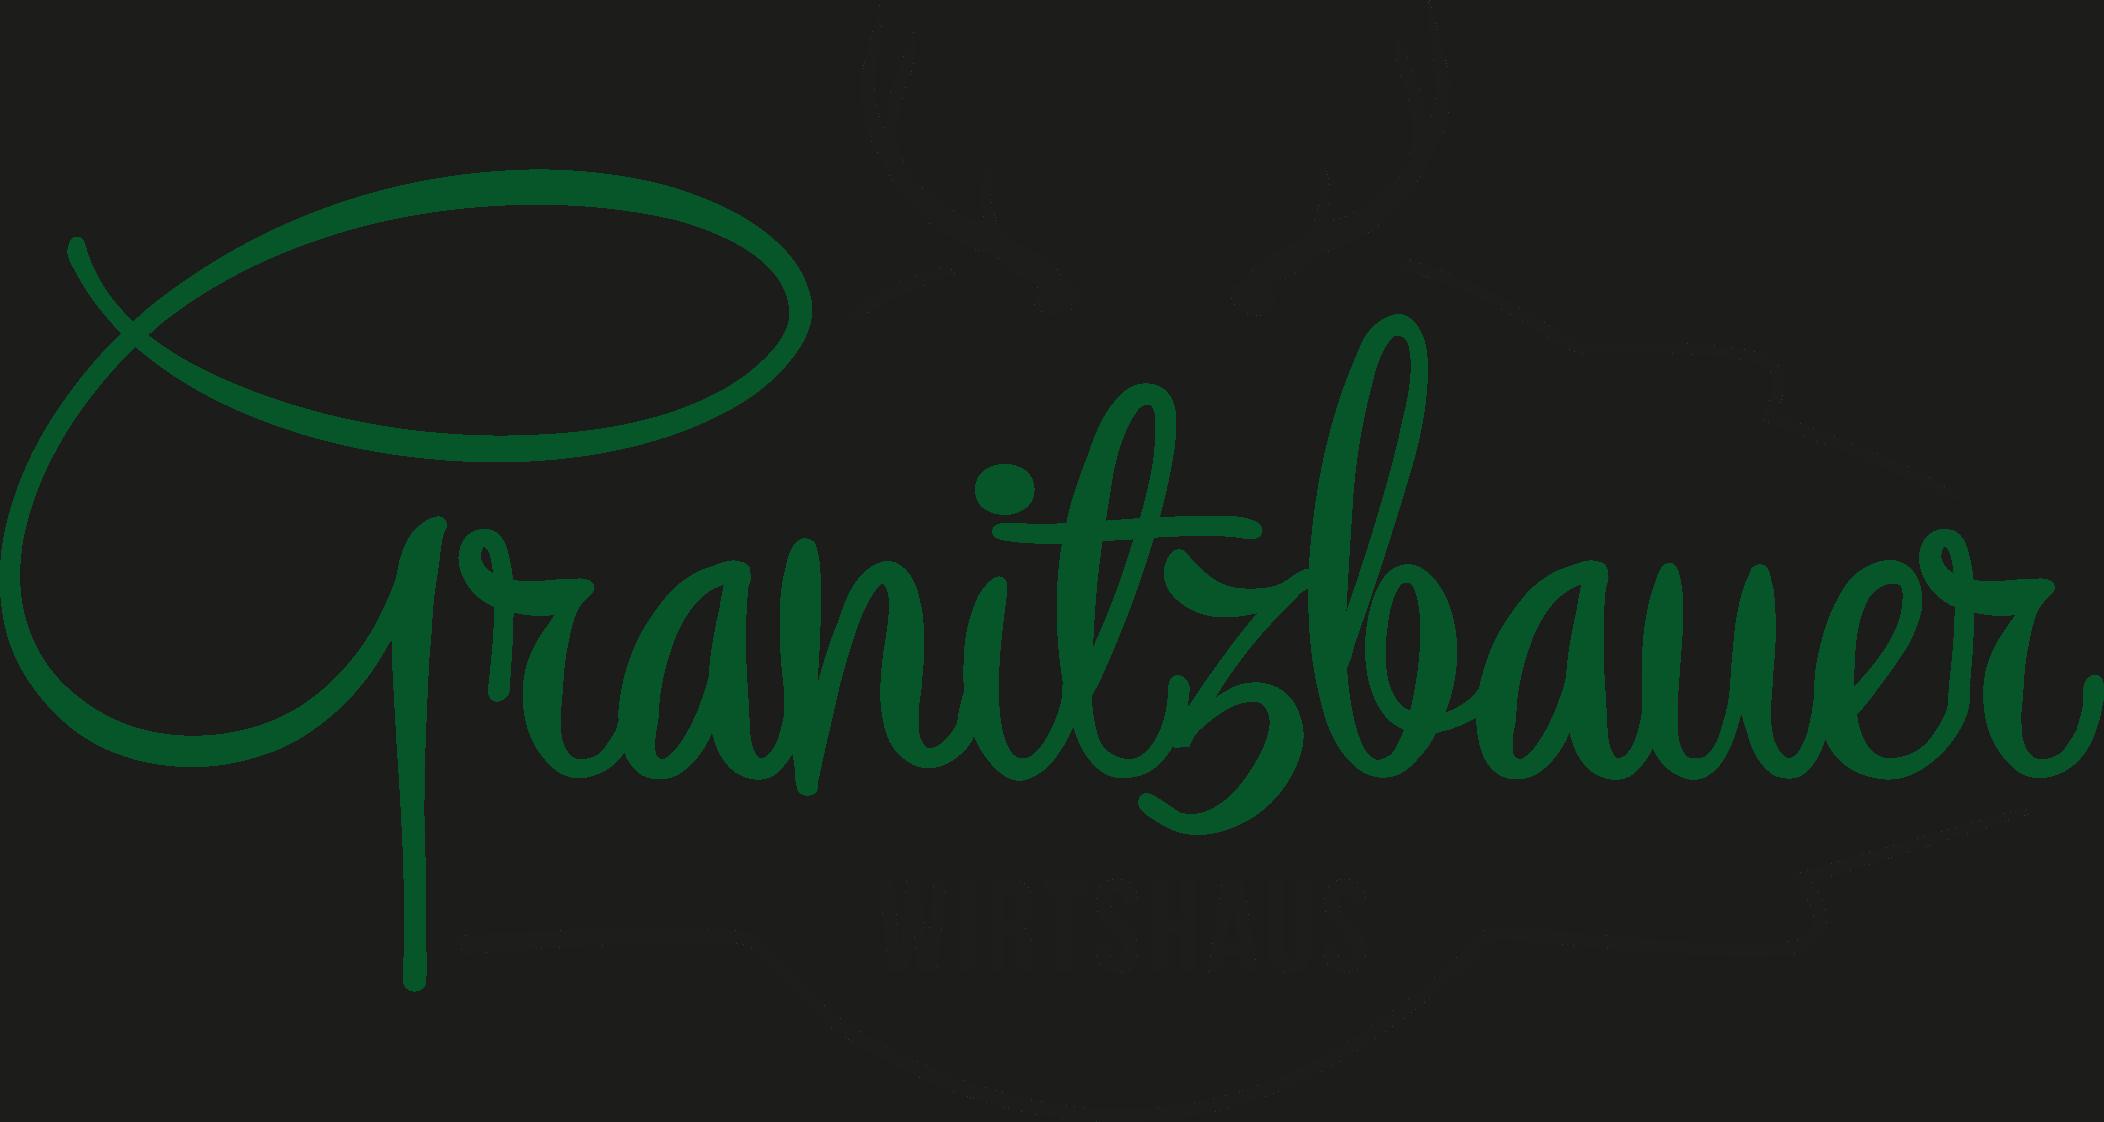 Wirtshaus Granitzbauer Logo